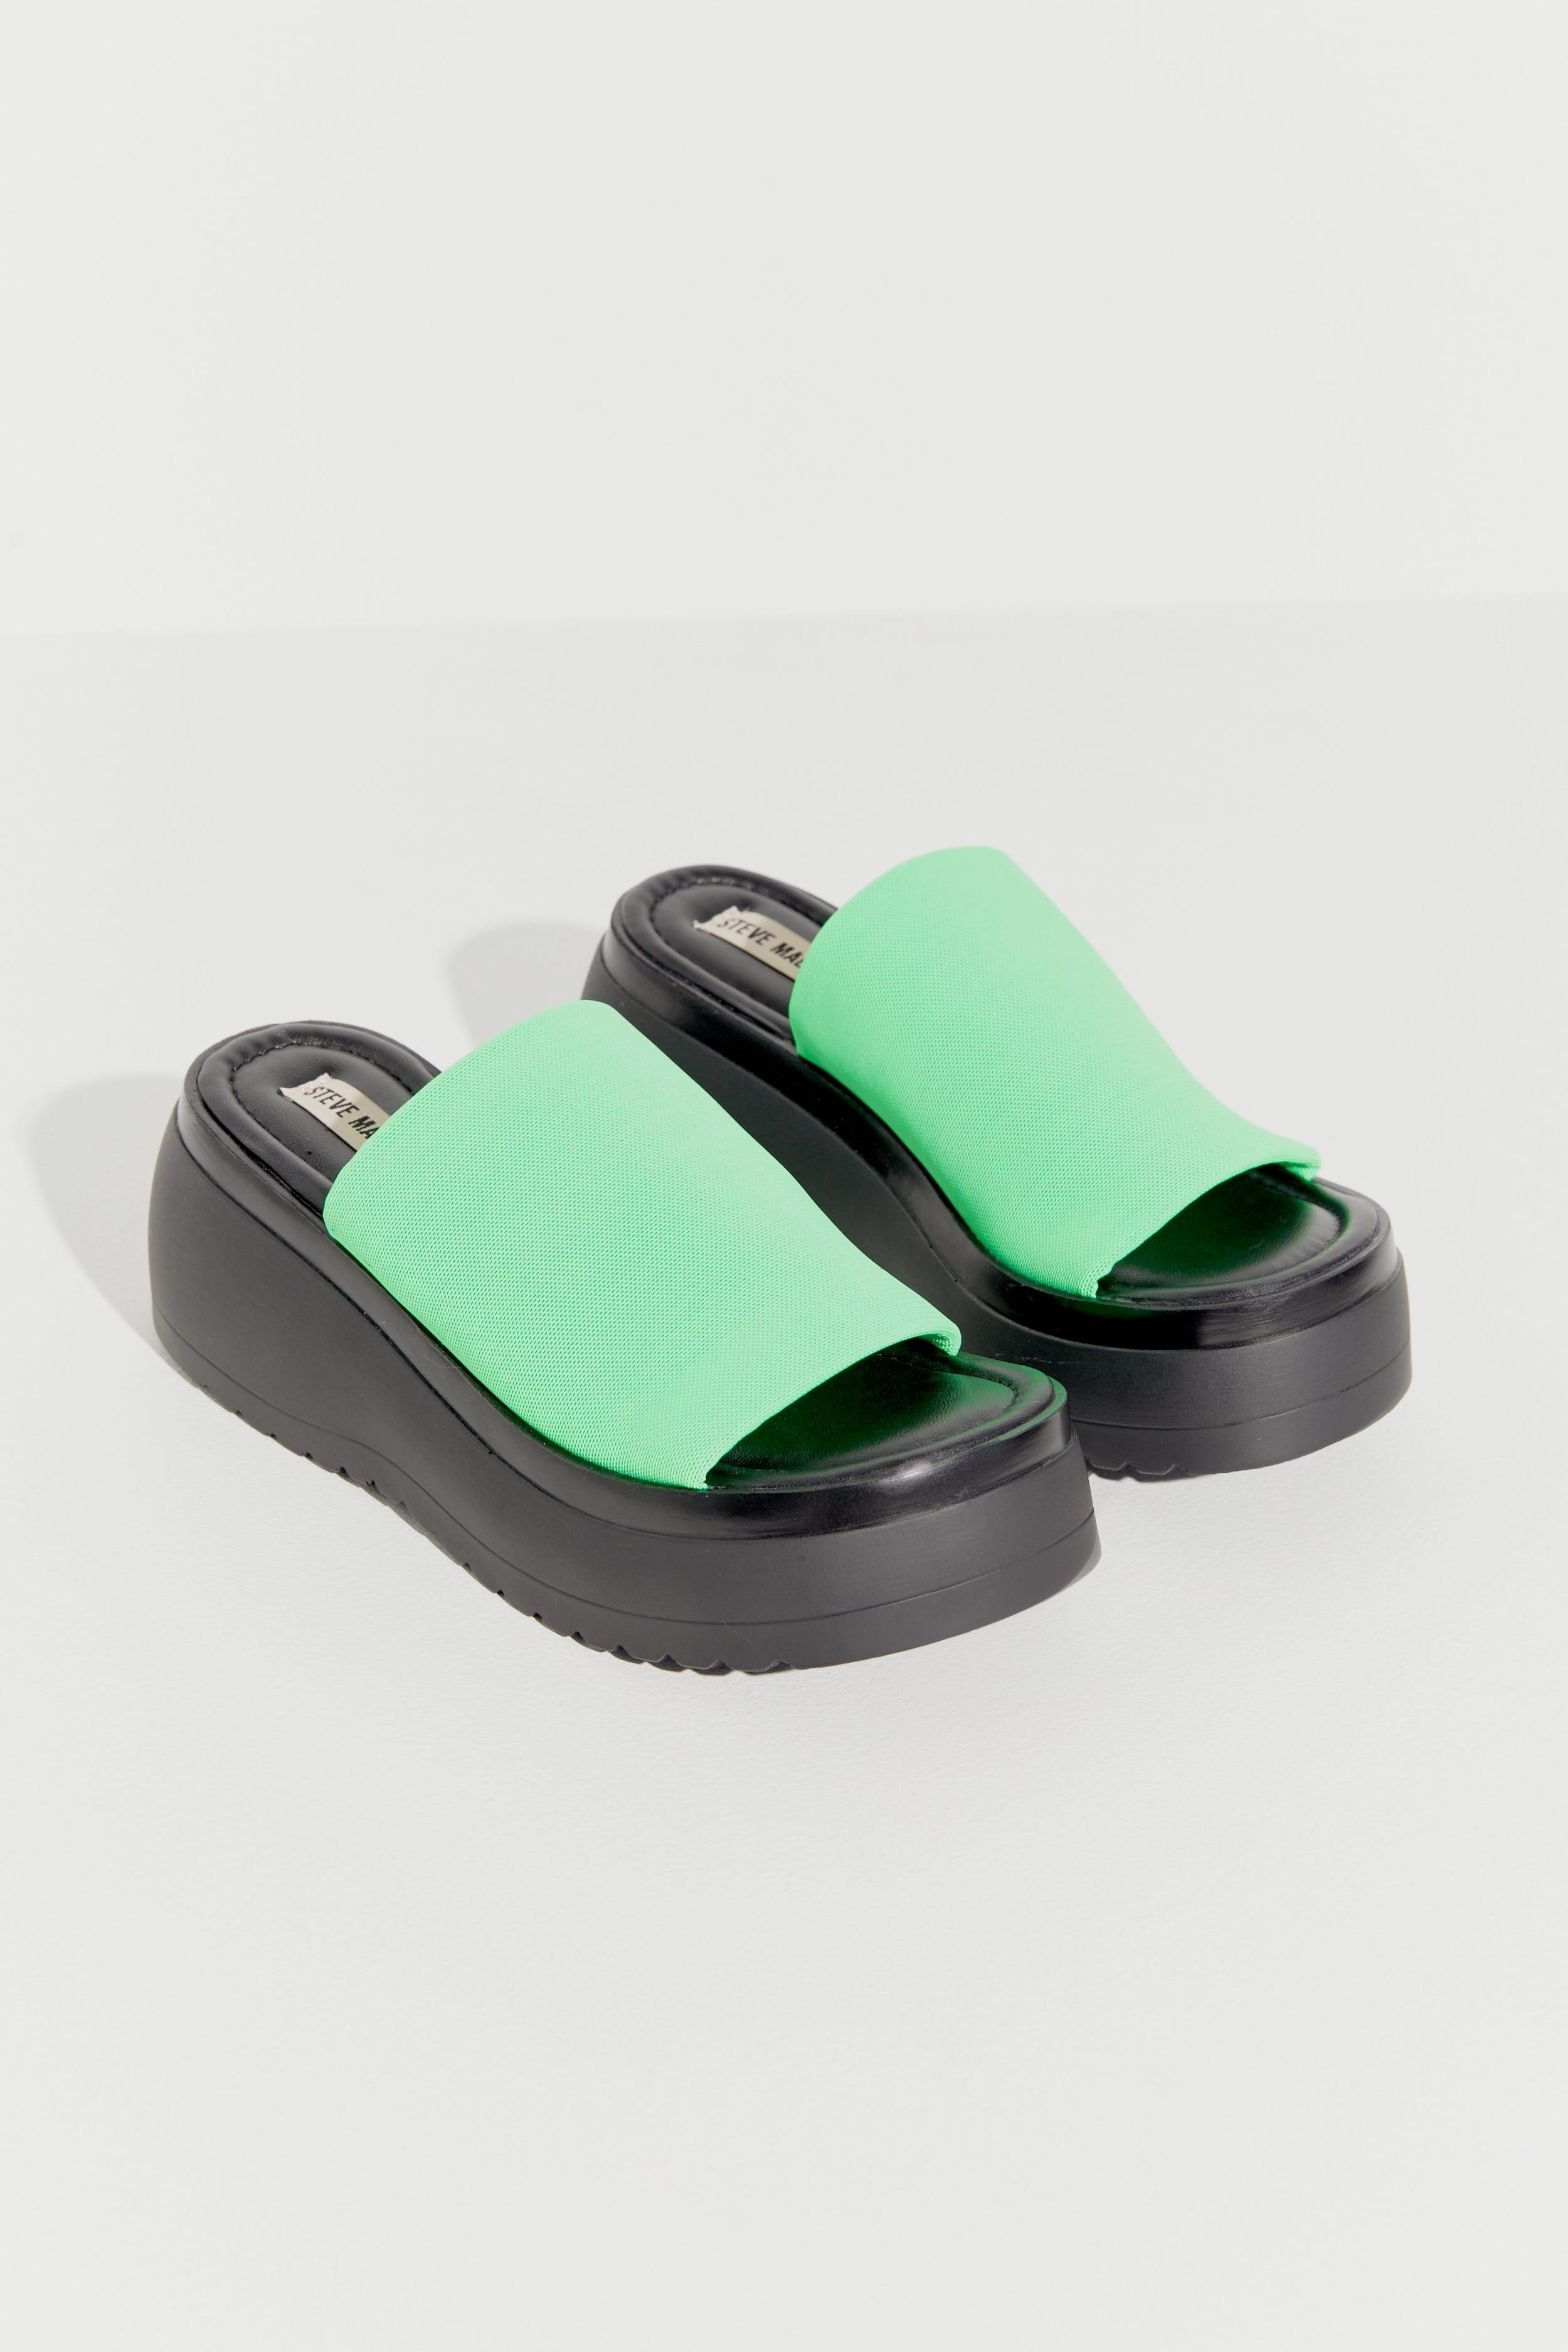 d57993d48 Steve Madden X Urban Outfitters 90s Platform Sandals